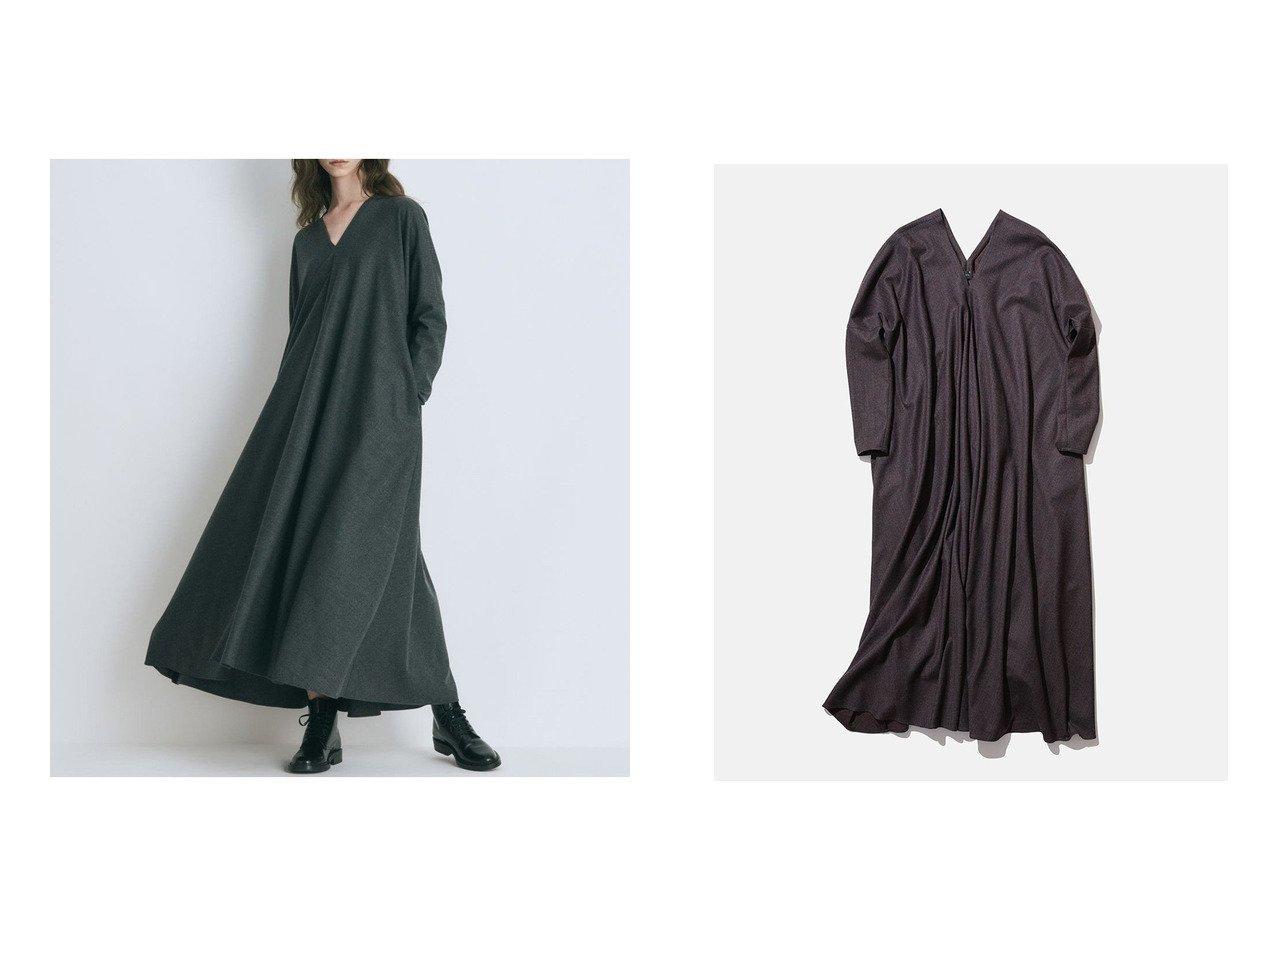 【ATON/エイトン】のSTRETCH SAXONY フロントギャザードレス 【ワンピース・ドレス】おすすめ!人気、トレンド・レディースファッションの通販 おすすめで人気の流行・トレンド、ファッションの通販商品 インテリア・家具・メンズファッション・キッズファッション・レディースファッション・服の通販 founy(ファニー) https://founy.com/ ファッション Fashion レディースファッション WOMEN ワンピース Dress ドレス Party Dresses 送料無料 Free Shipping ストレッチ ドレス ドレープ ロング |ID:crp329100000062682